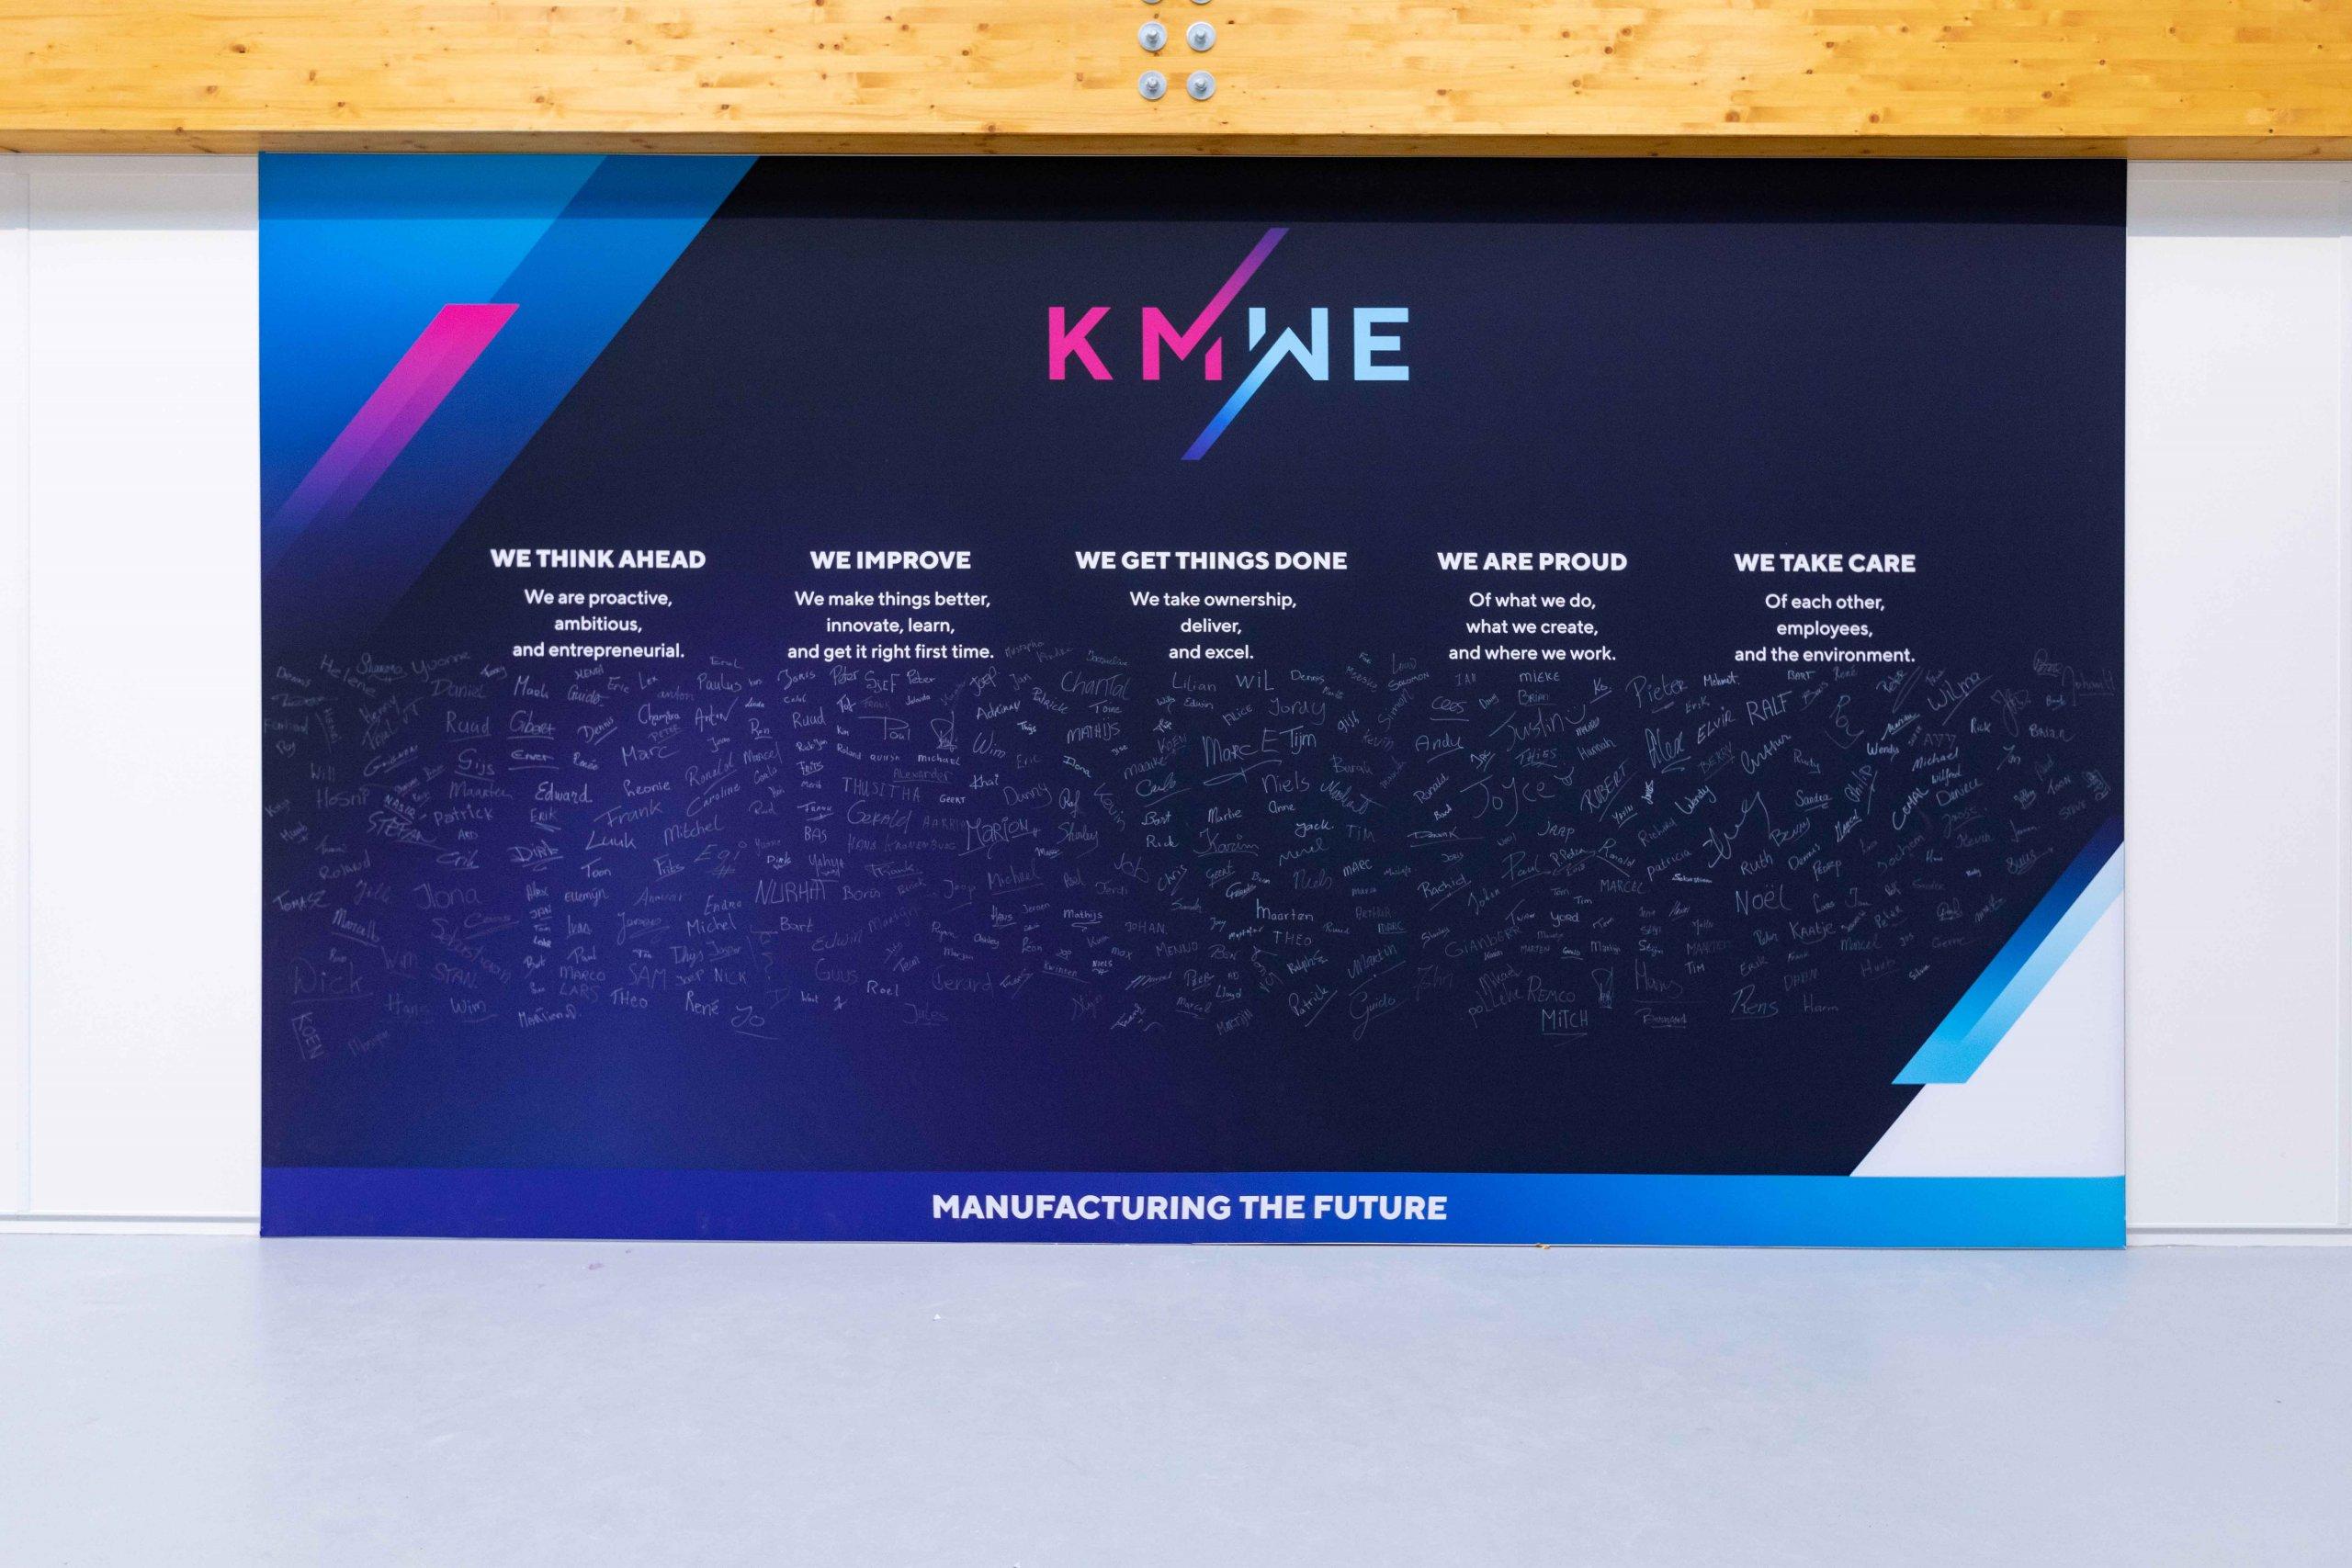 KMWE heeft 5 values